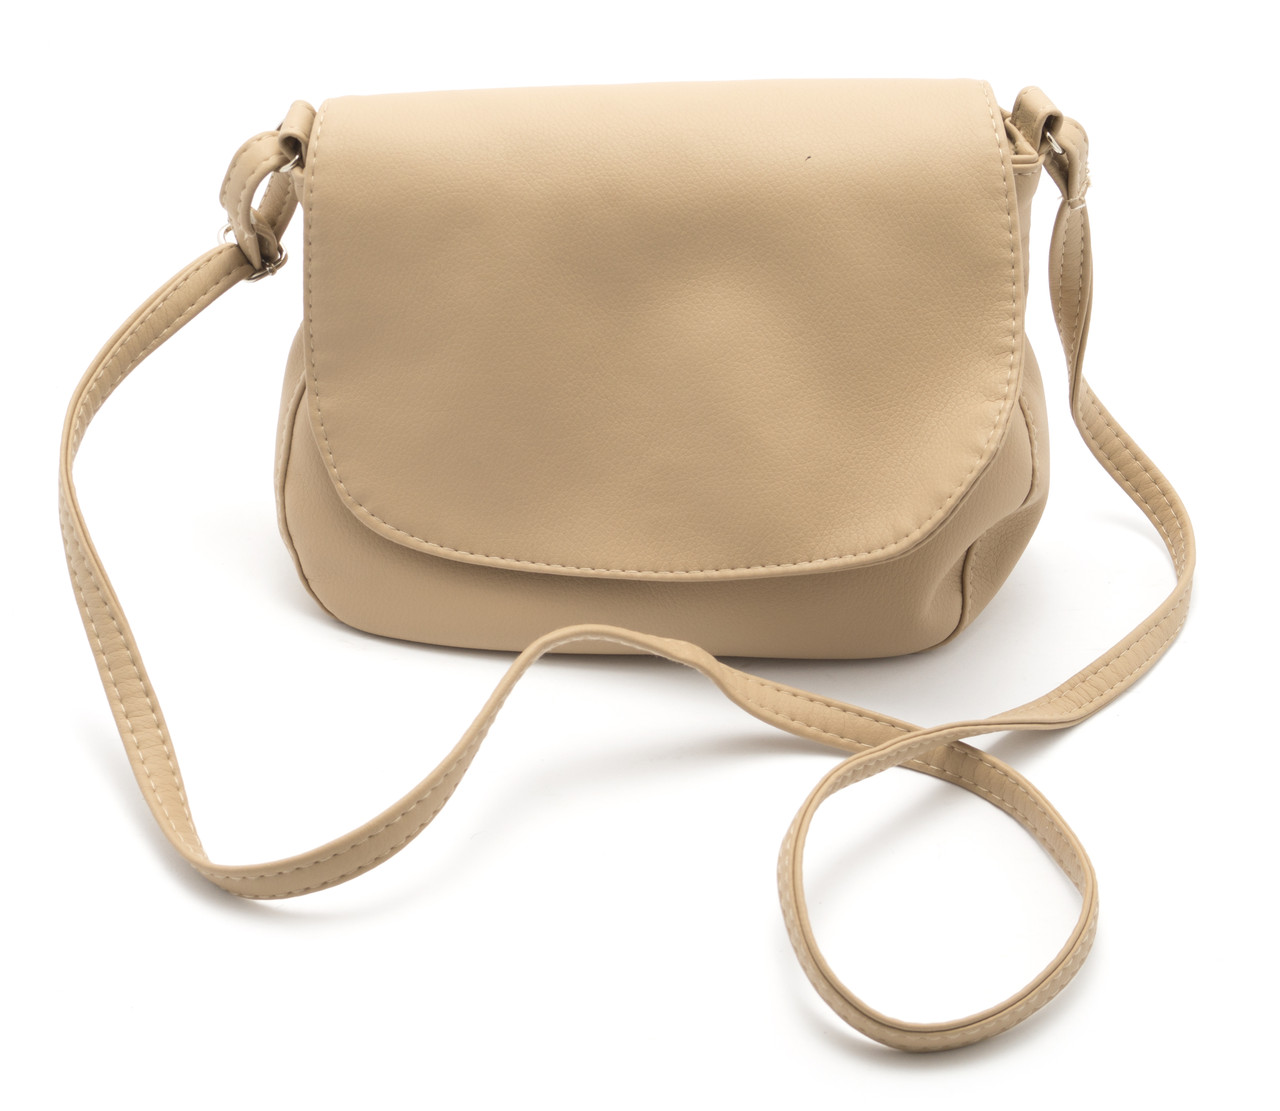 cbfb07967bf2 Аккуратная женская бежевая сумка почтальонка Габриэлла art. Sg Украина  (100086) - Ремешок и